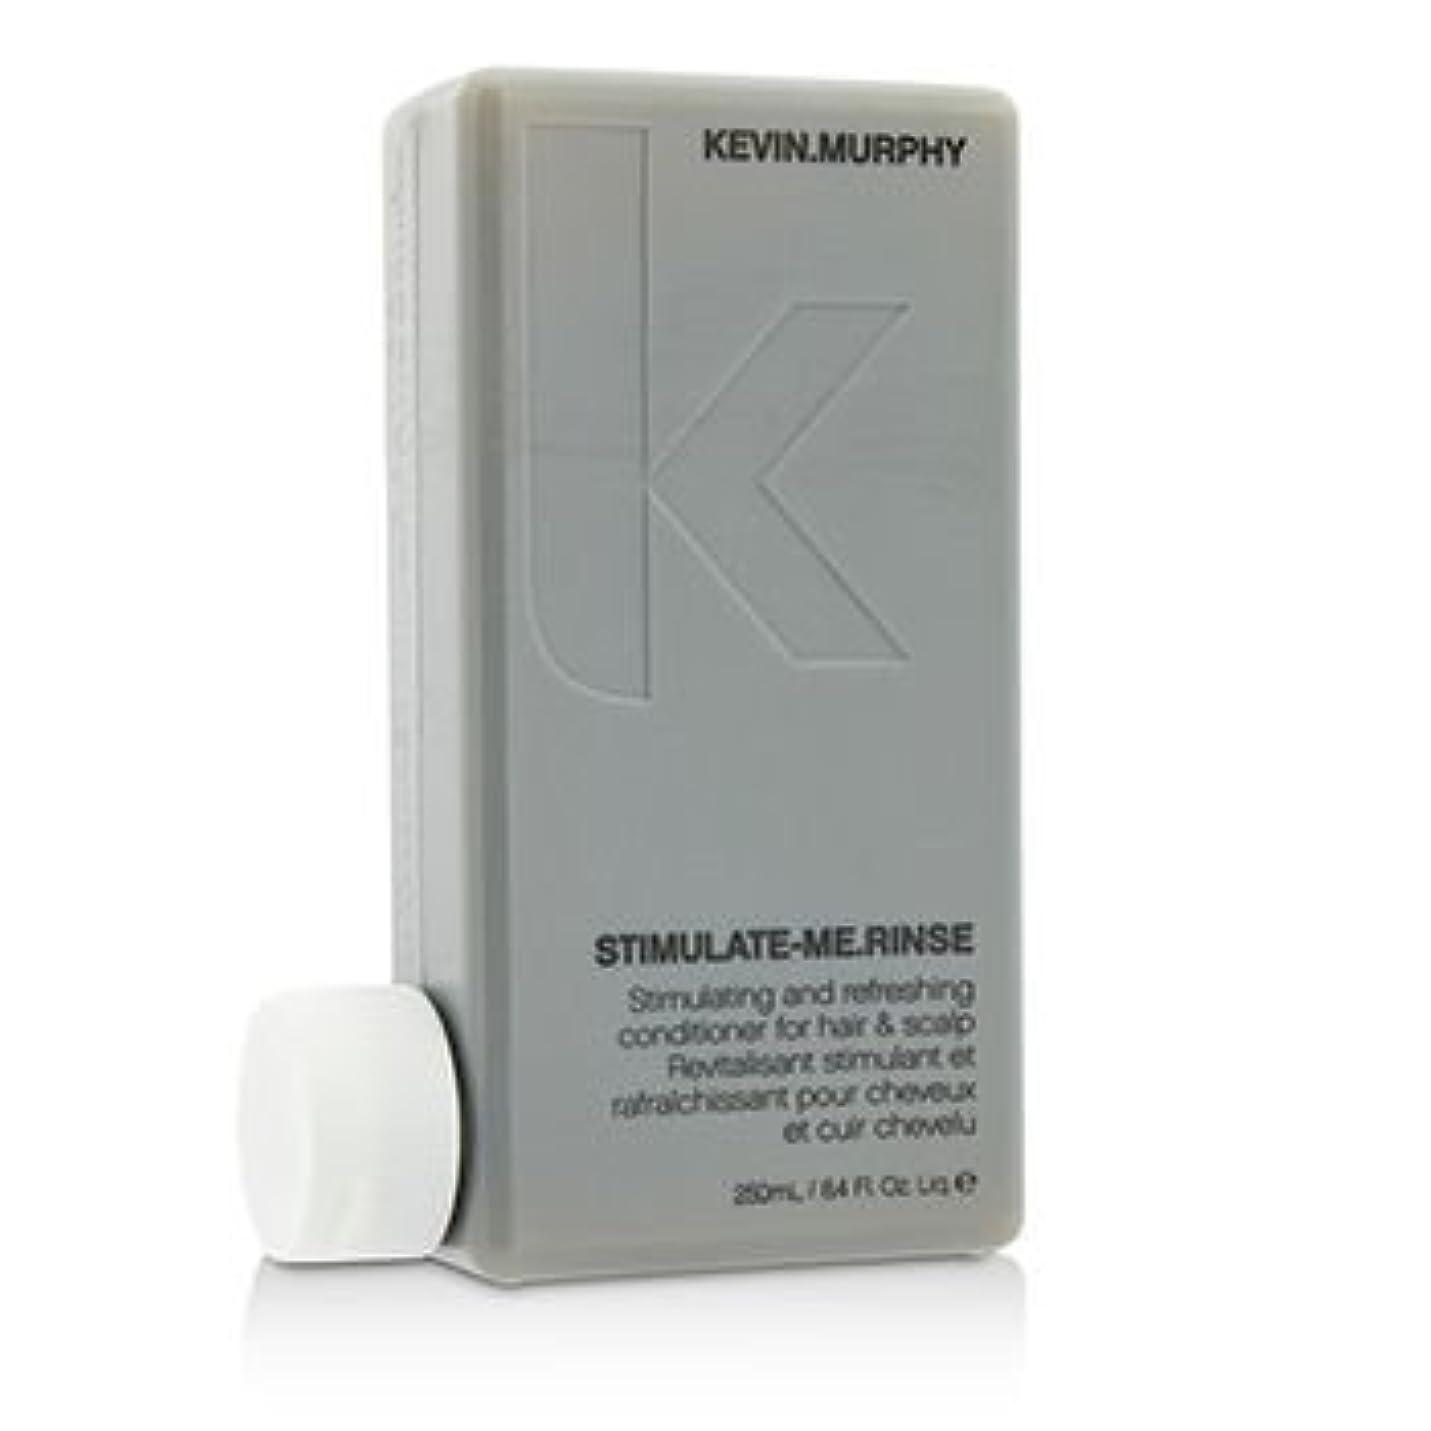 米ドル扇動分解する[Kevin.Murphy] Stimulate-Me.Rinse (Stimulating and Refreshing Conditioner - For Hair & Scalp) 250ml/8.4oz